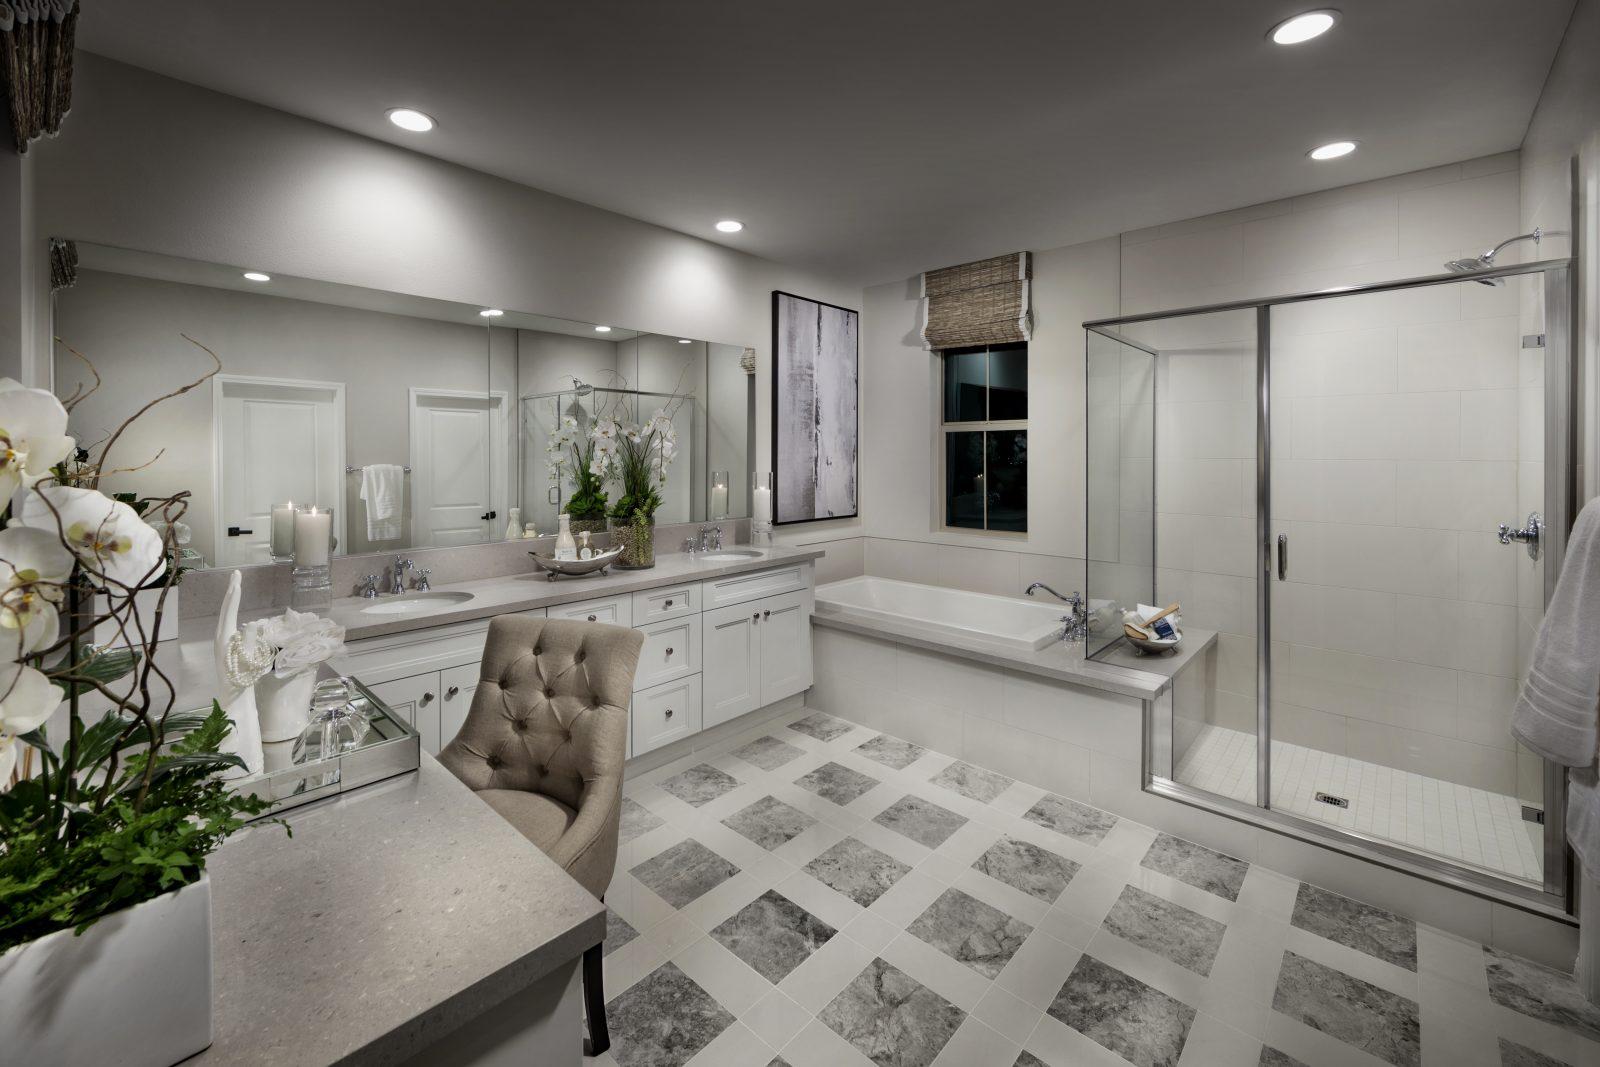 Residence 1 Legado At Portola Springs In Irvine